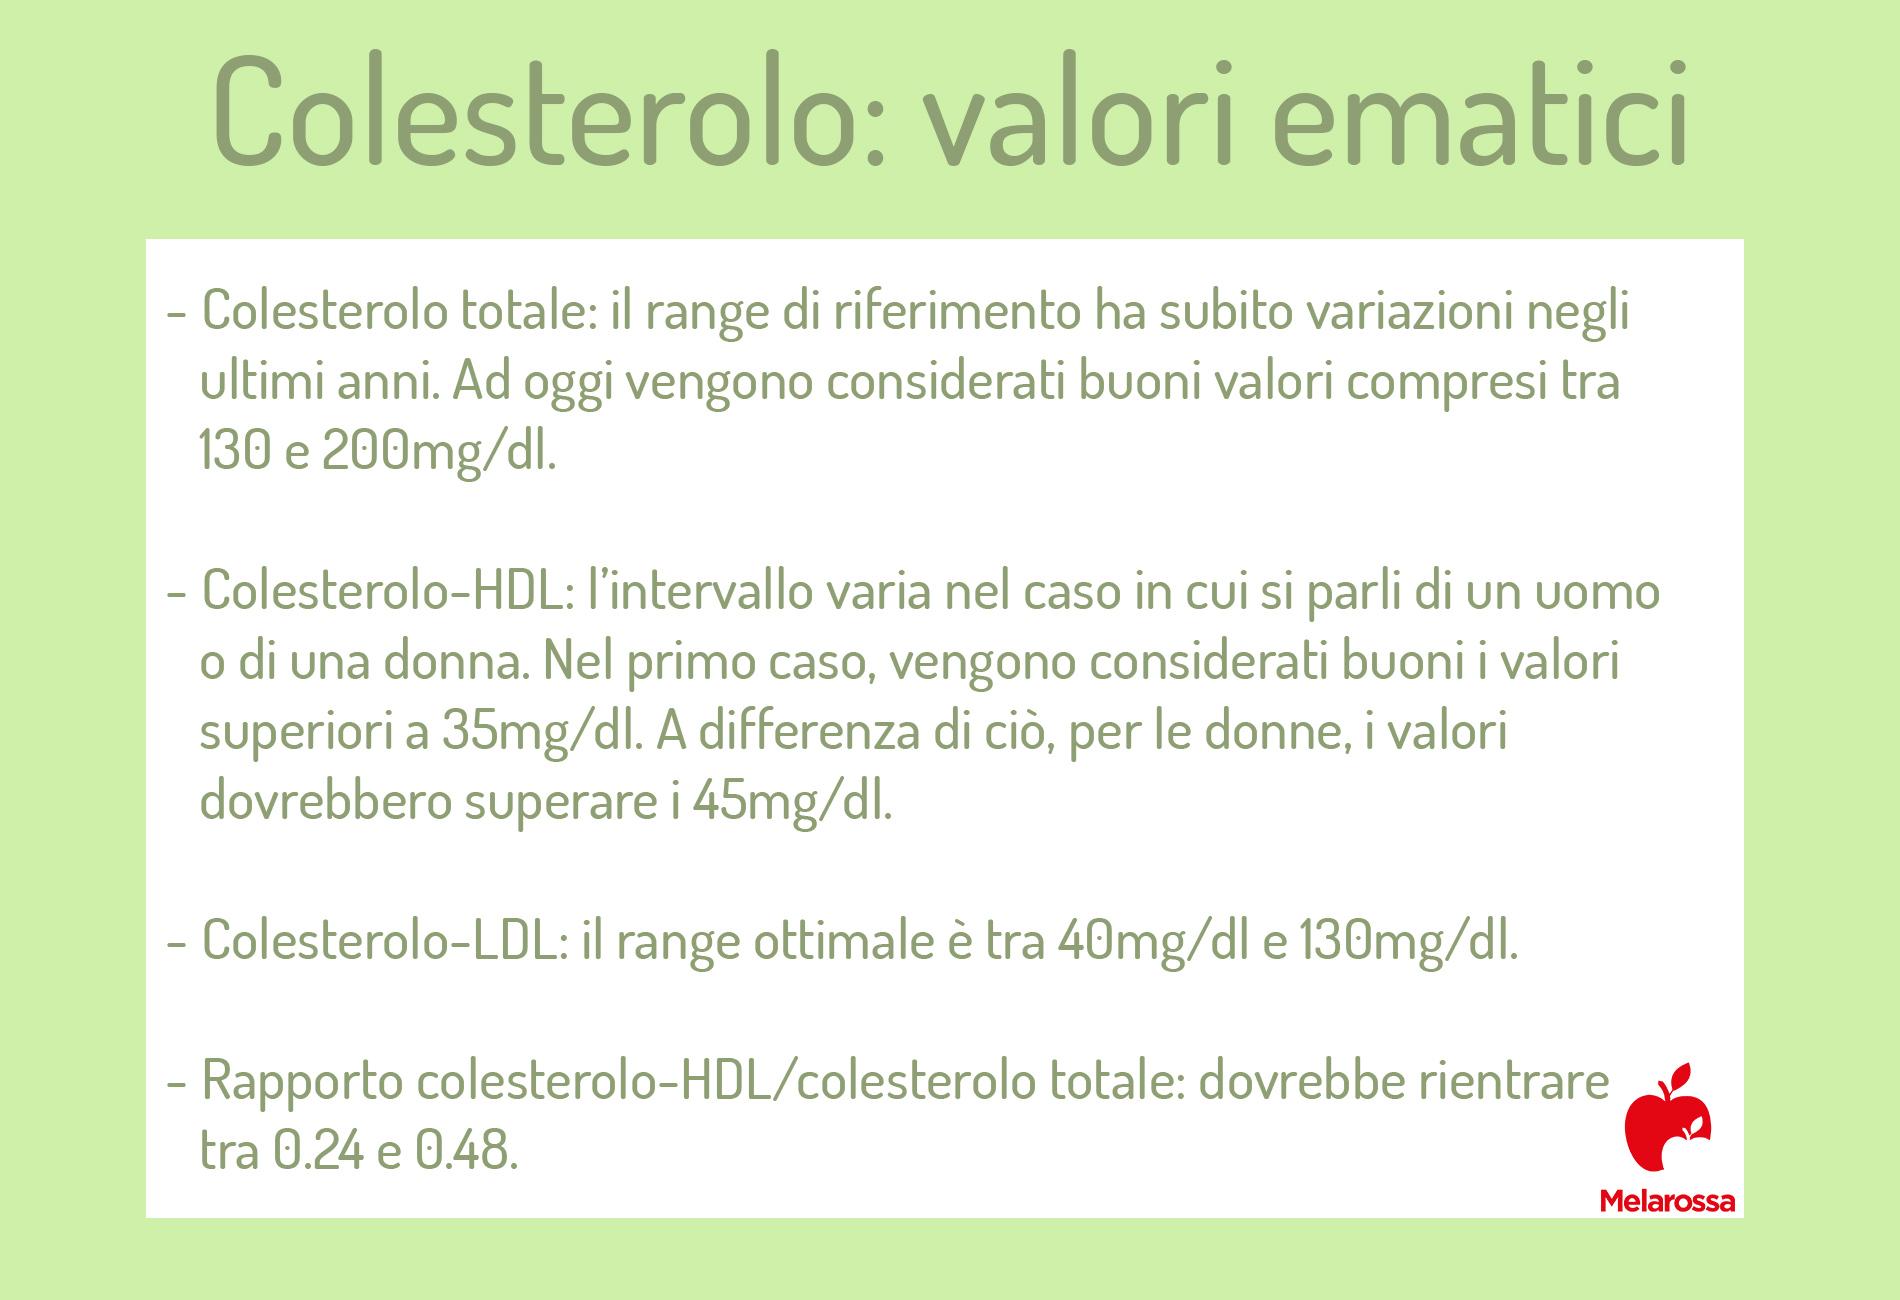 colesterolo: valori ematici